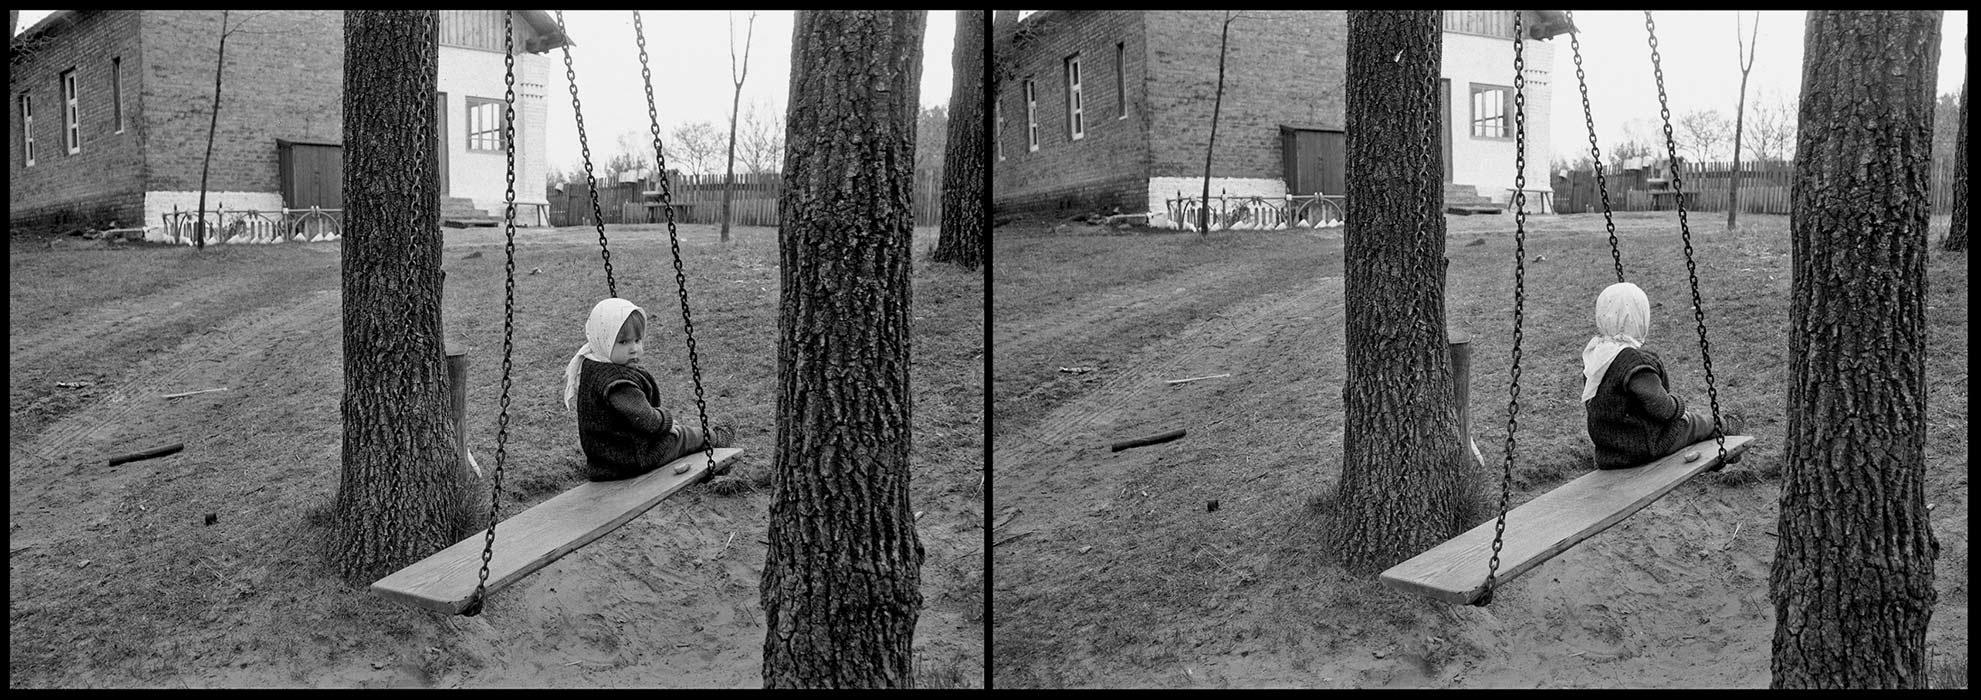 Комо грядеши (куда идете?) 1986 год Гомельская обл., Чернобыльская зона.